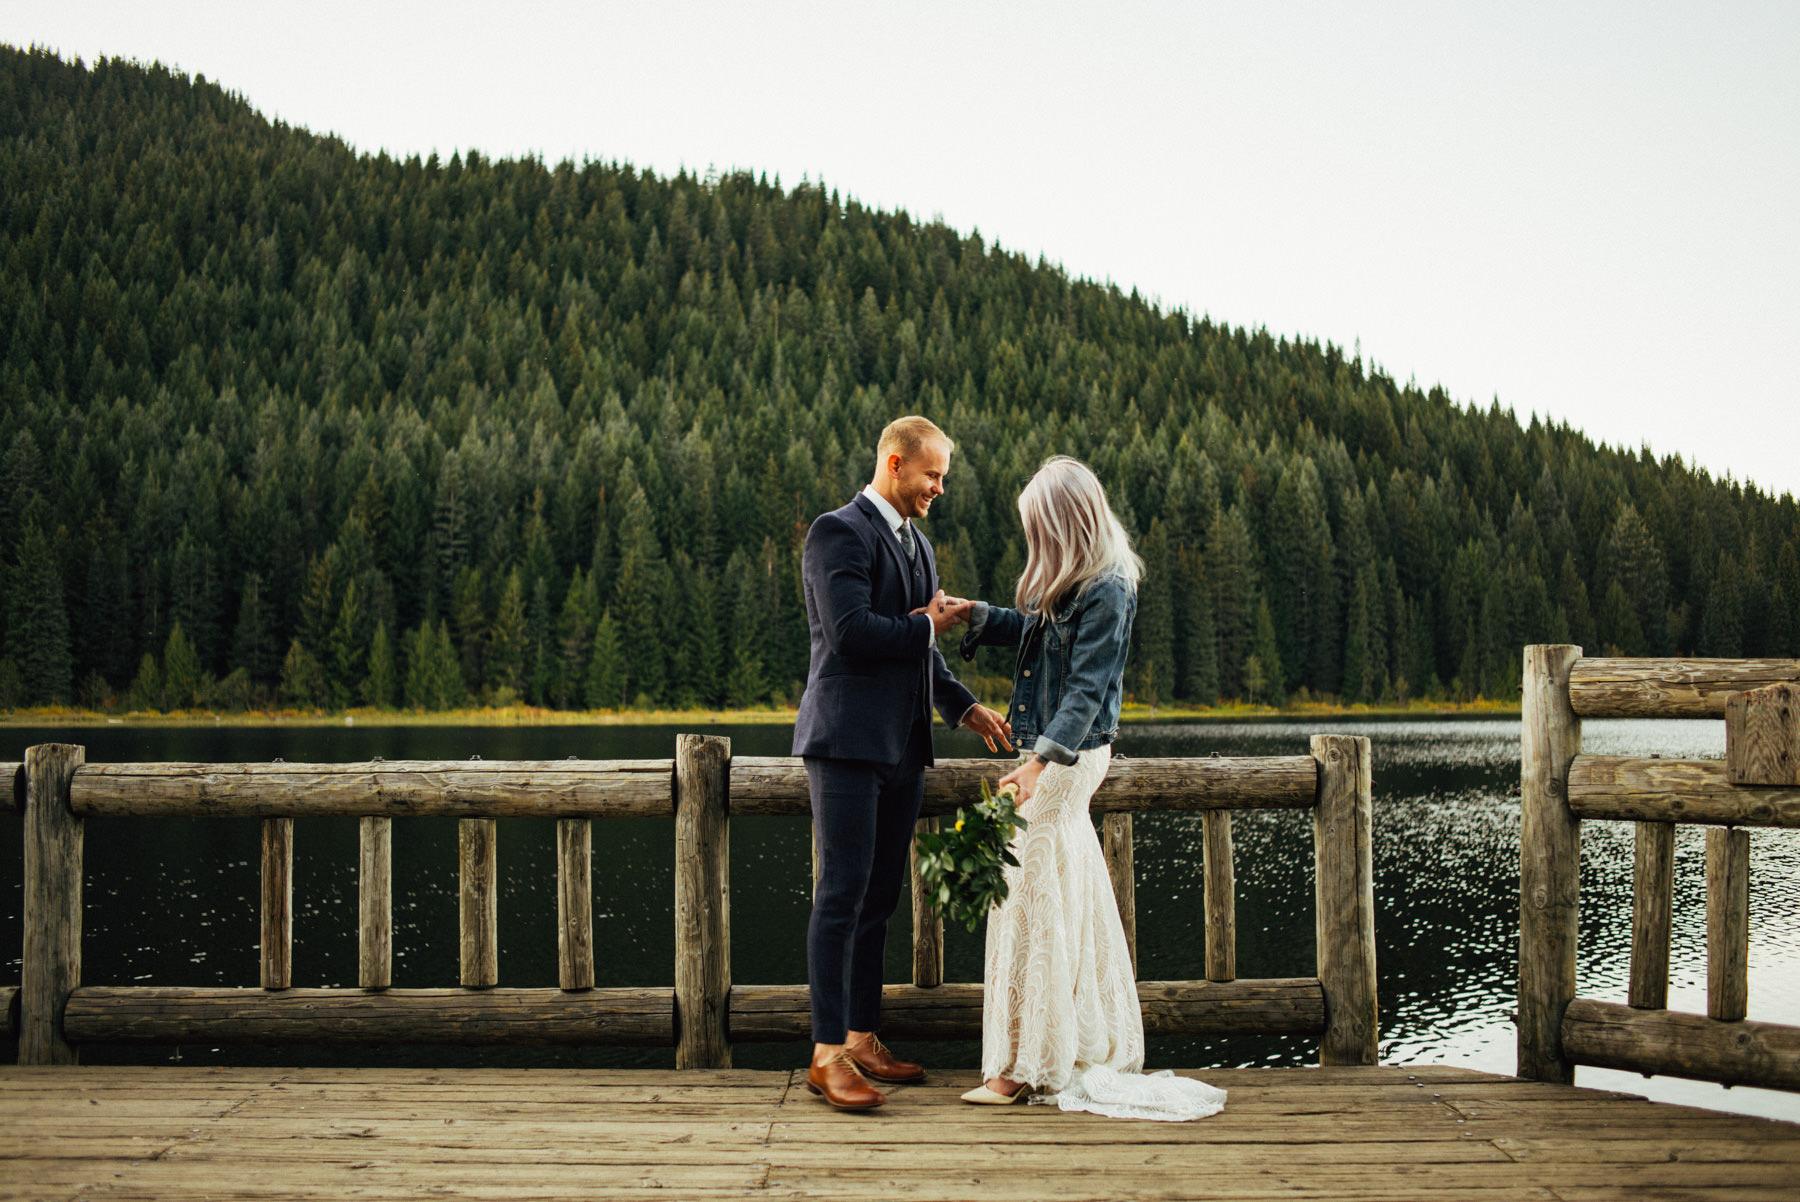 trillium lake wedding-004.jpg